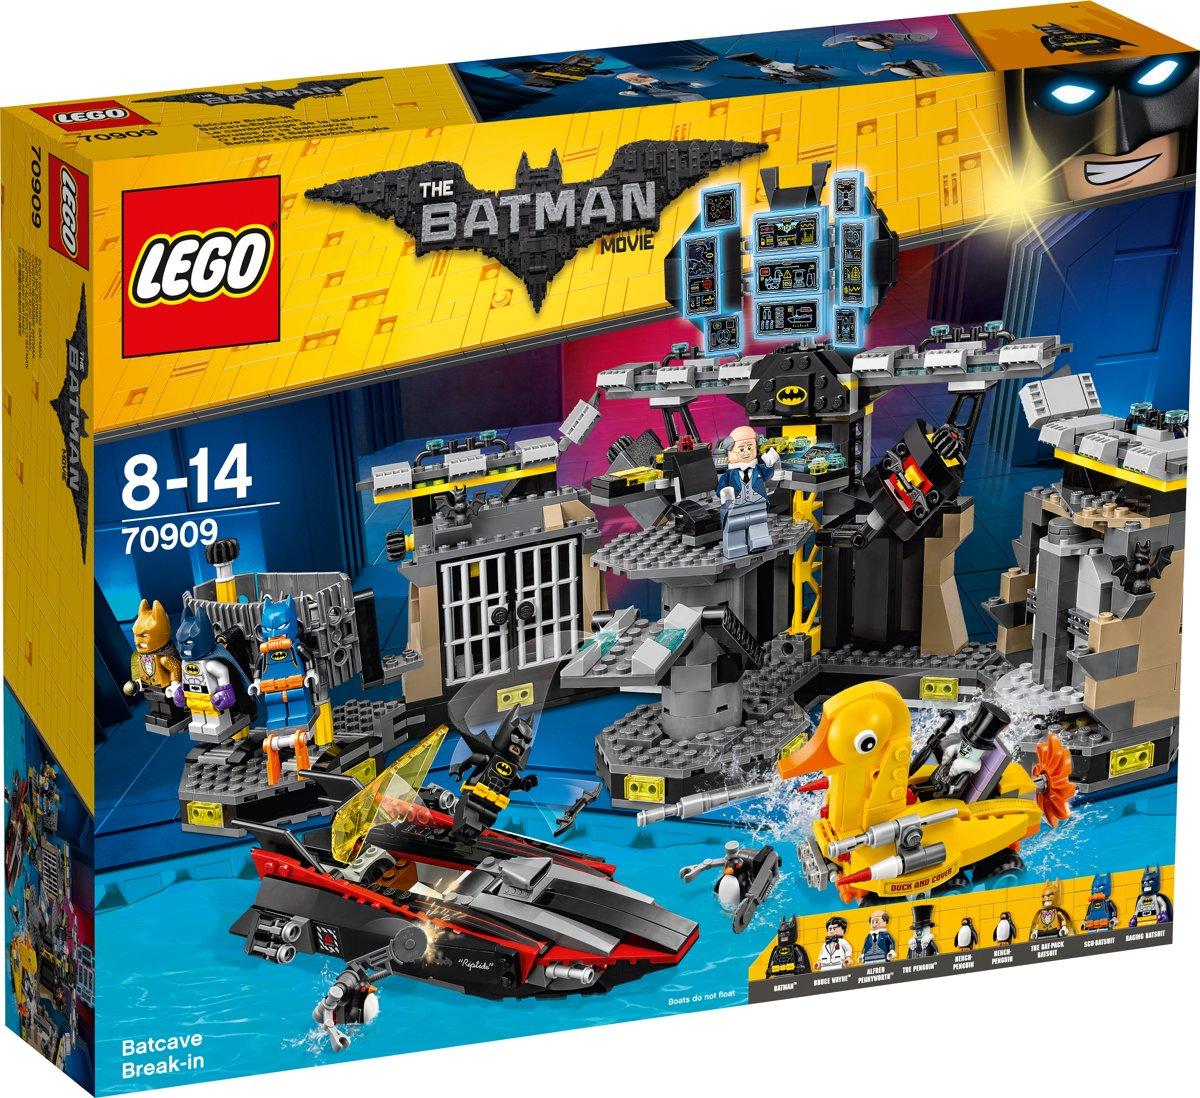 LEGO Batman Movie Batcave Inbraak - 70909 kopen